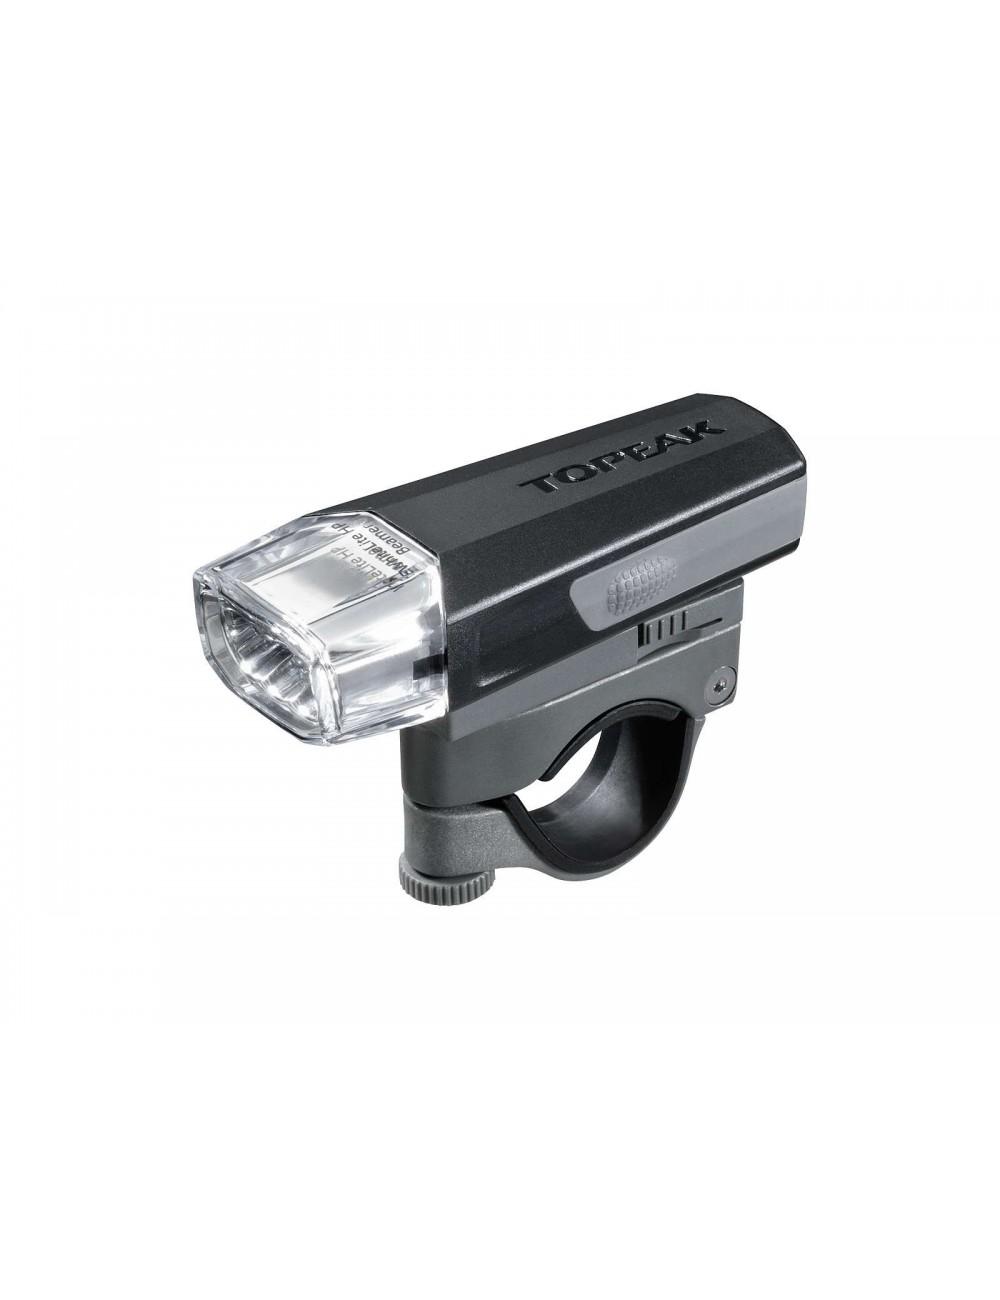 Lanterna Topeak White Lite HP Beamer Preto